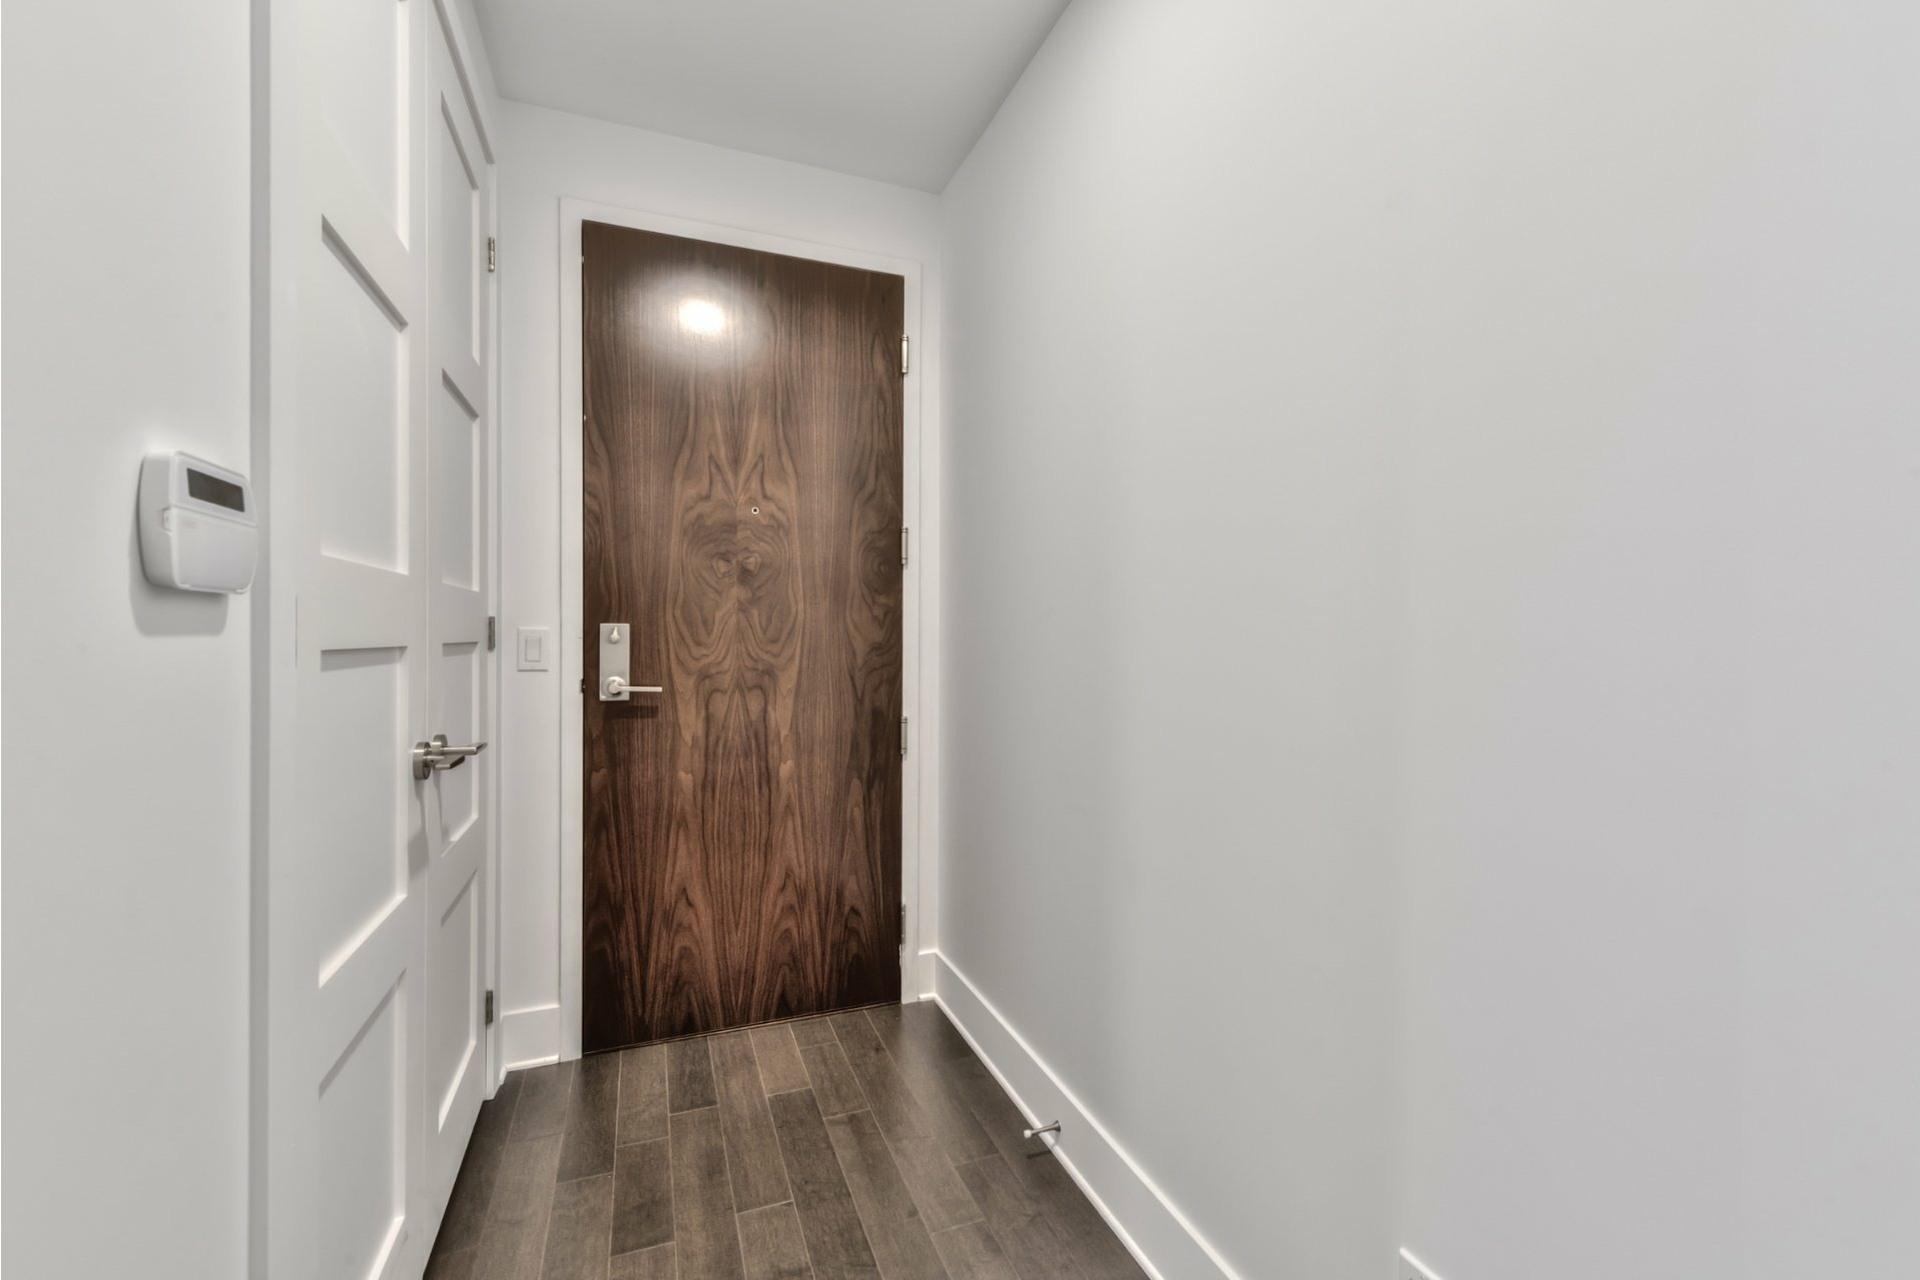 image 17 - Apartment For sale Côte-des-Neiges/Notre-Dame-de-Grâce Montréal  - 4 rooms